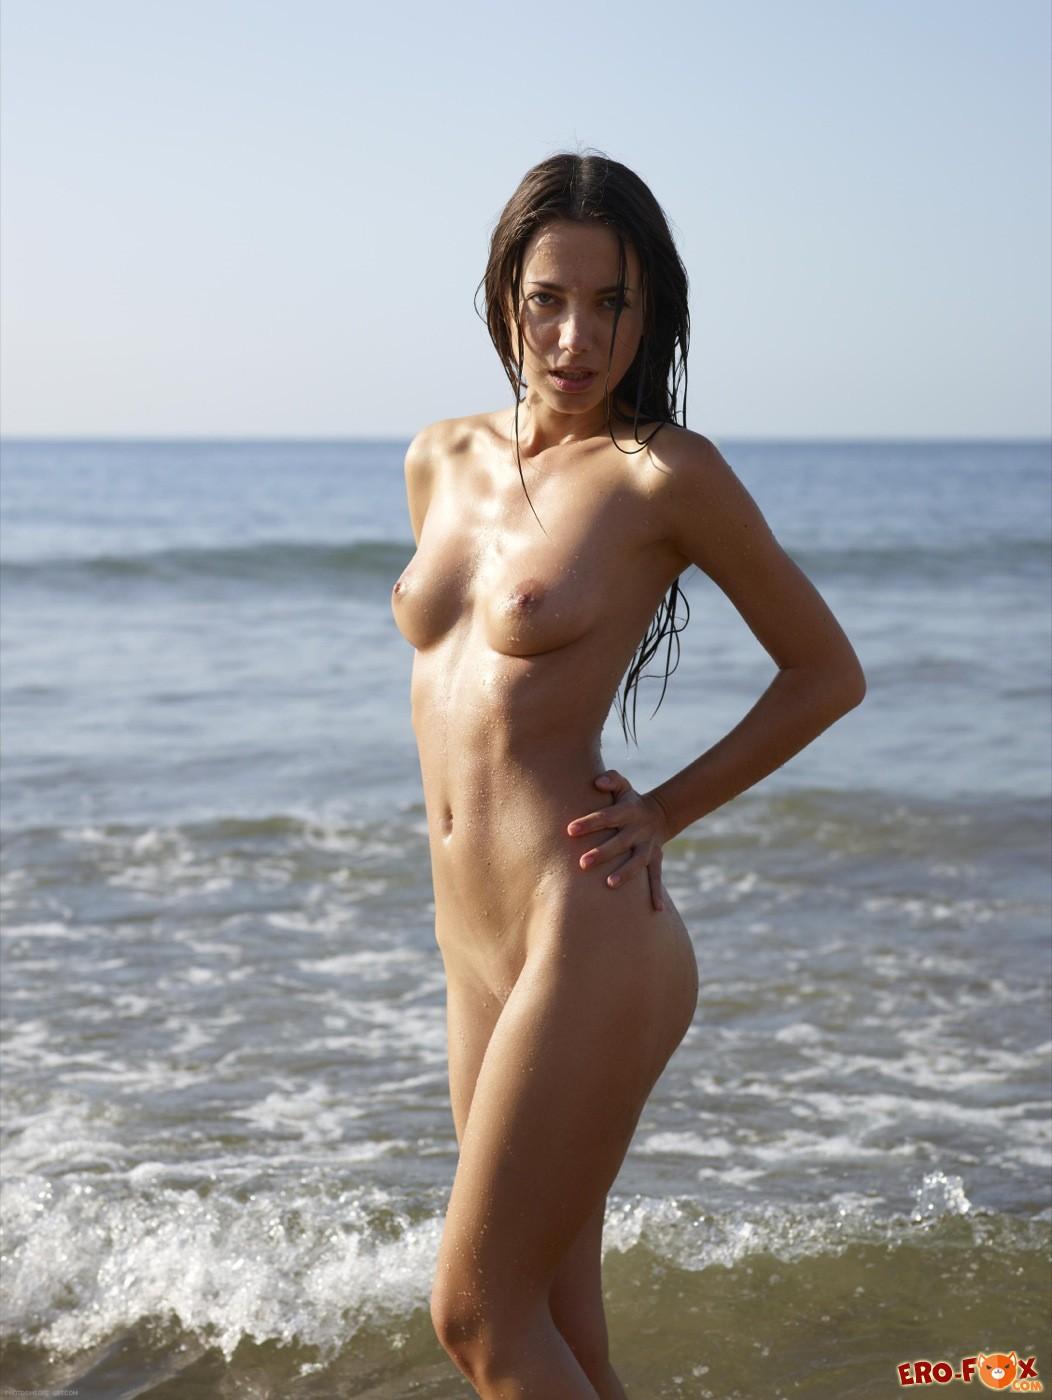 Худая брюнетка голая купается в море среди нудистов - фото